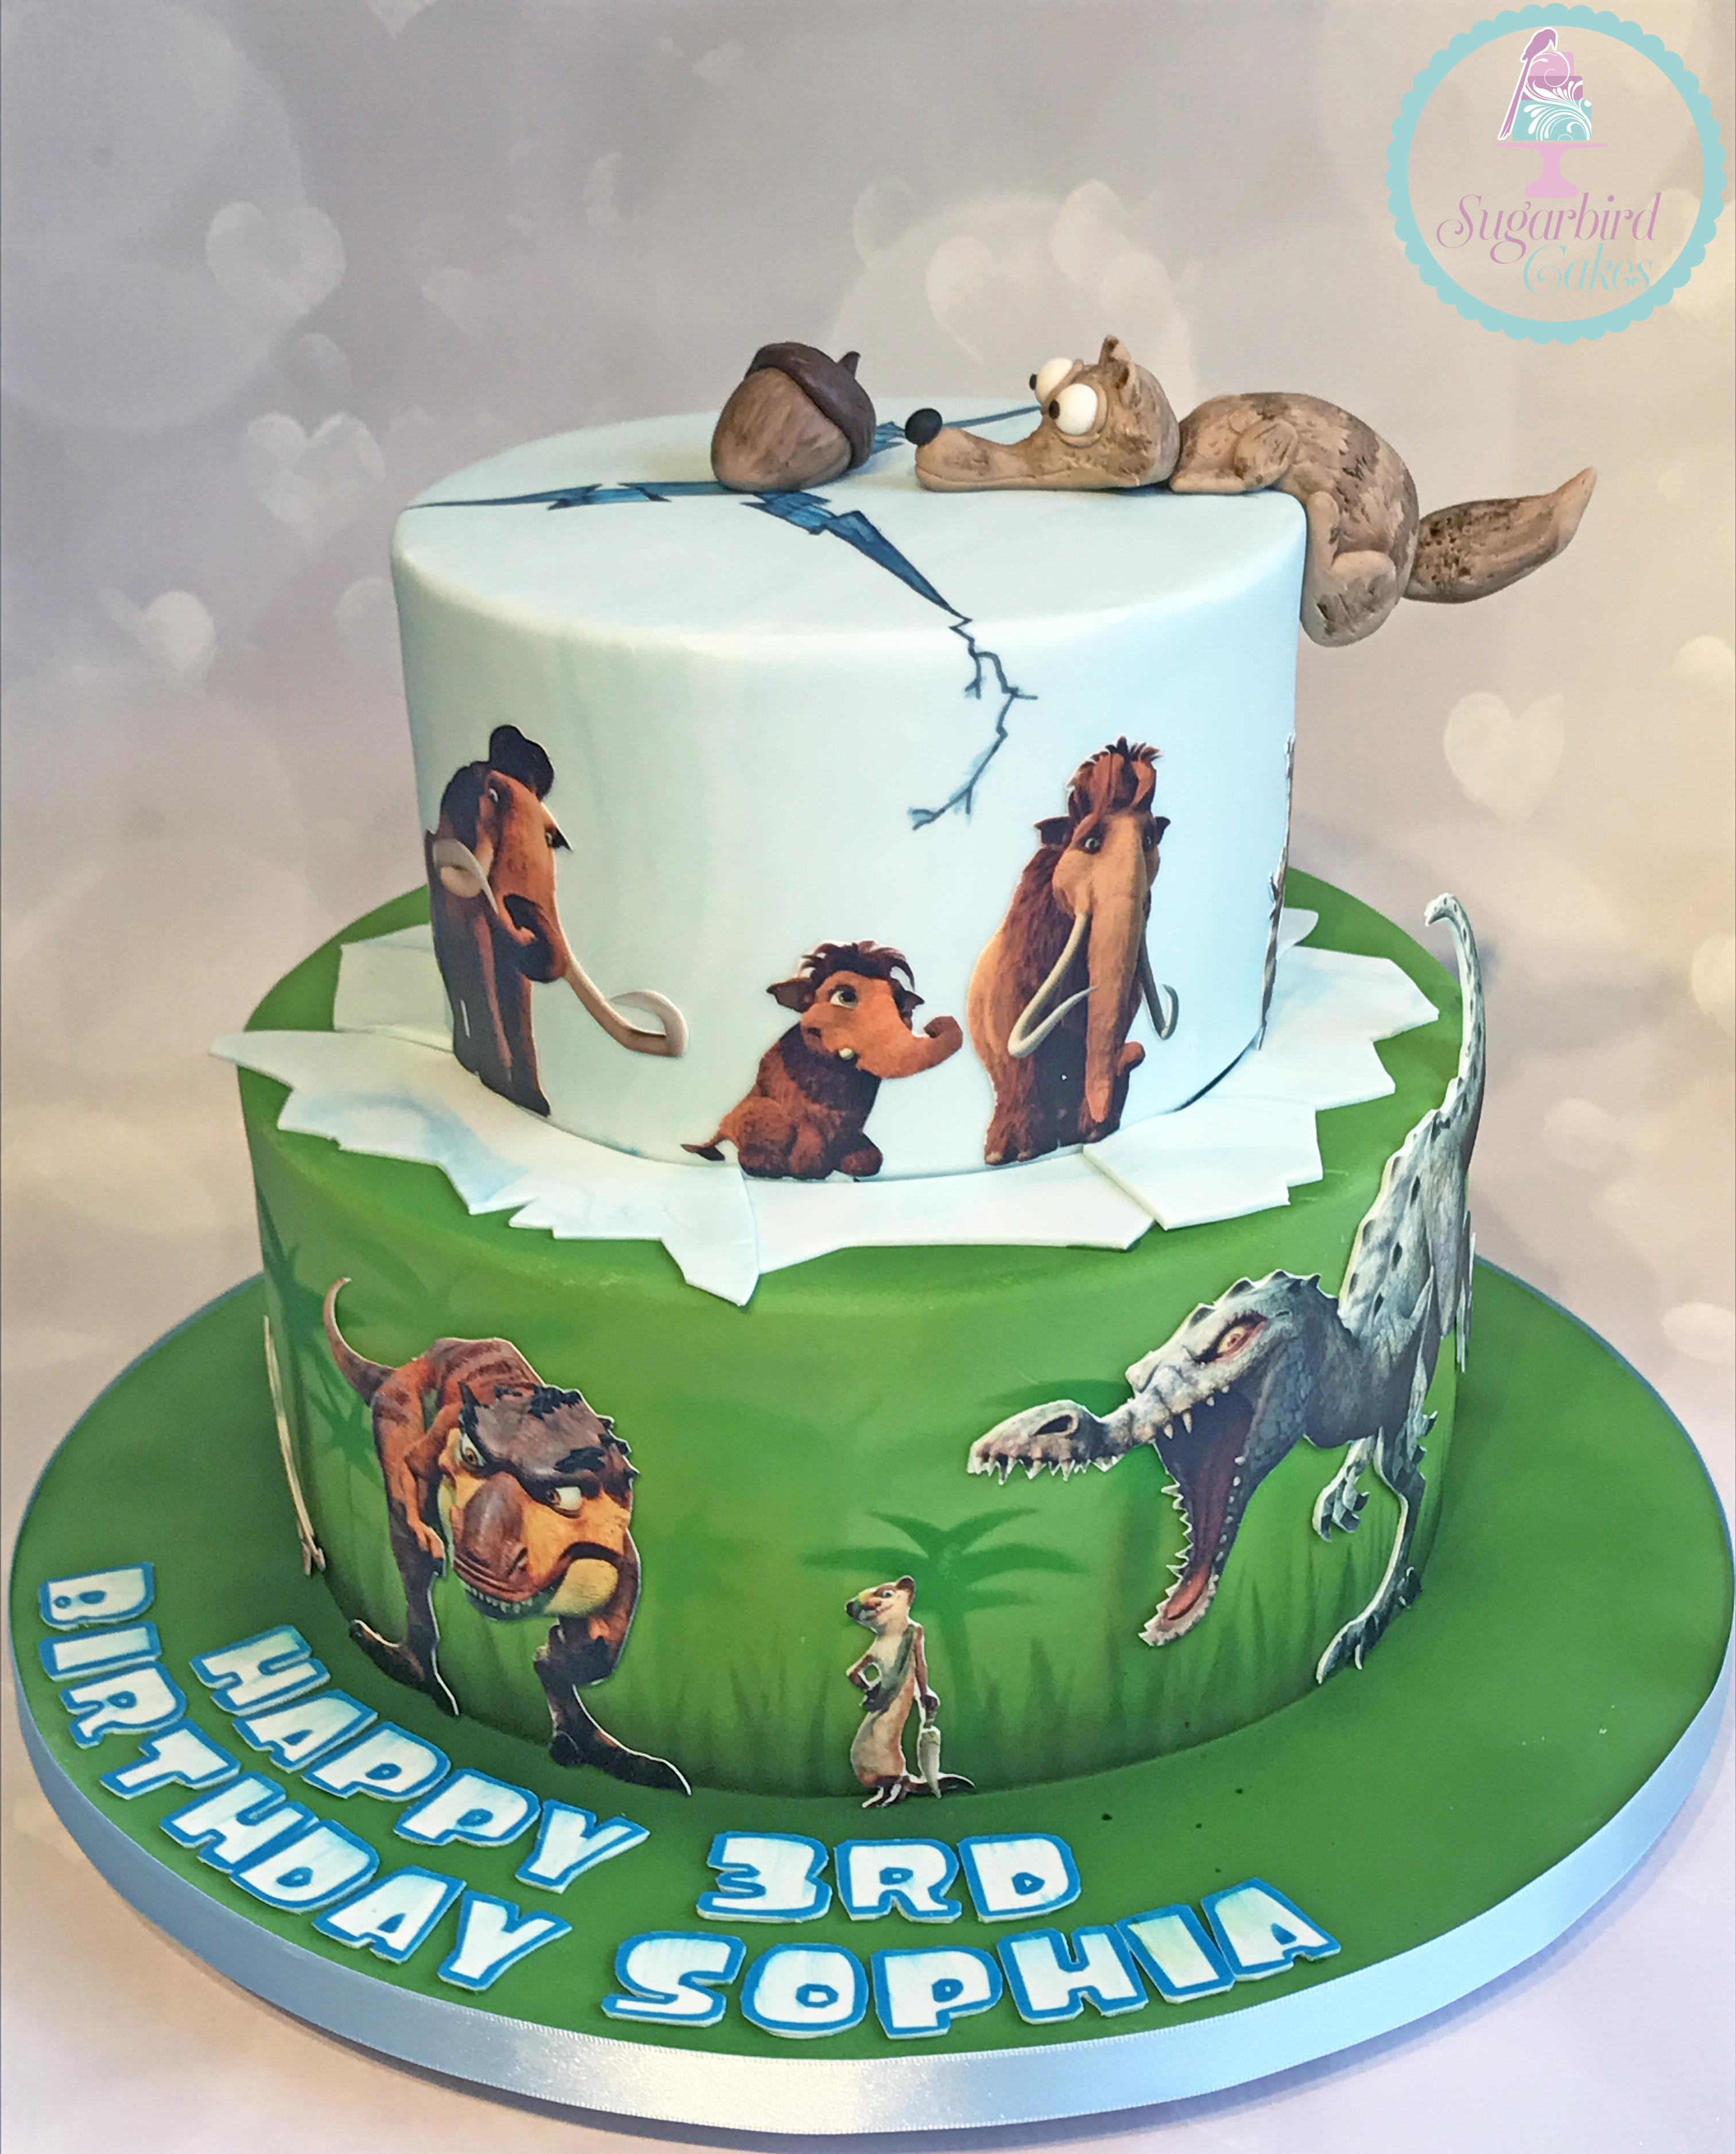 Cake Gallery Of Sugarbird Cupcakes Wedding Birthday Cake Cupcakes